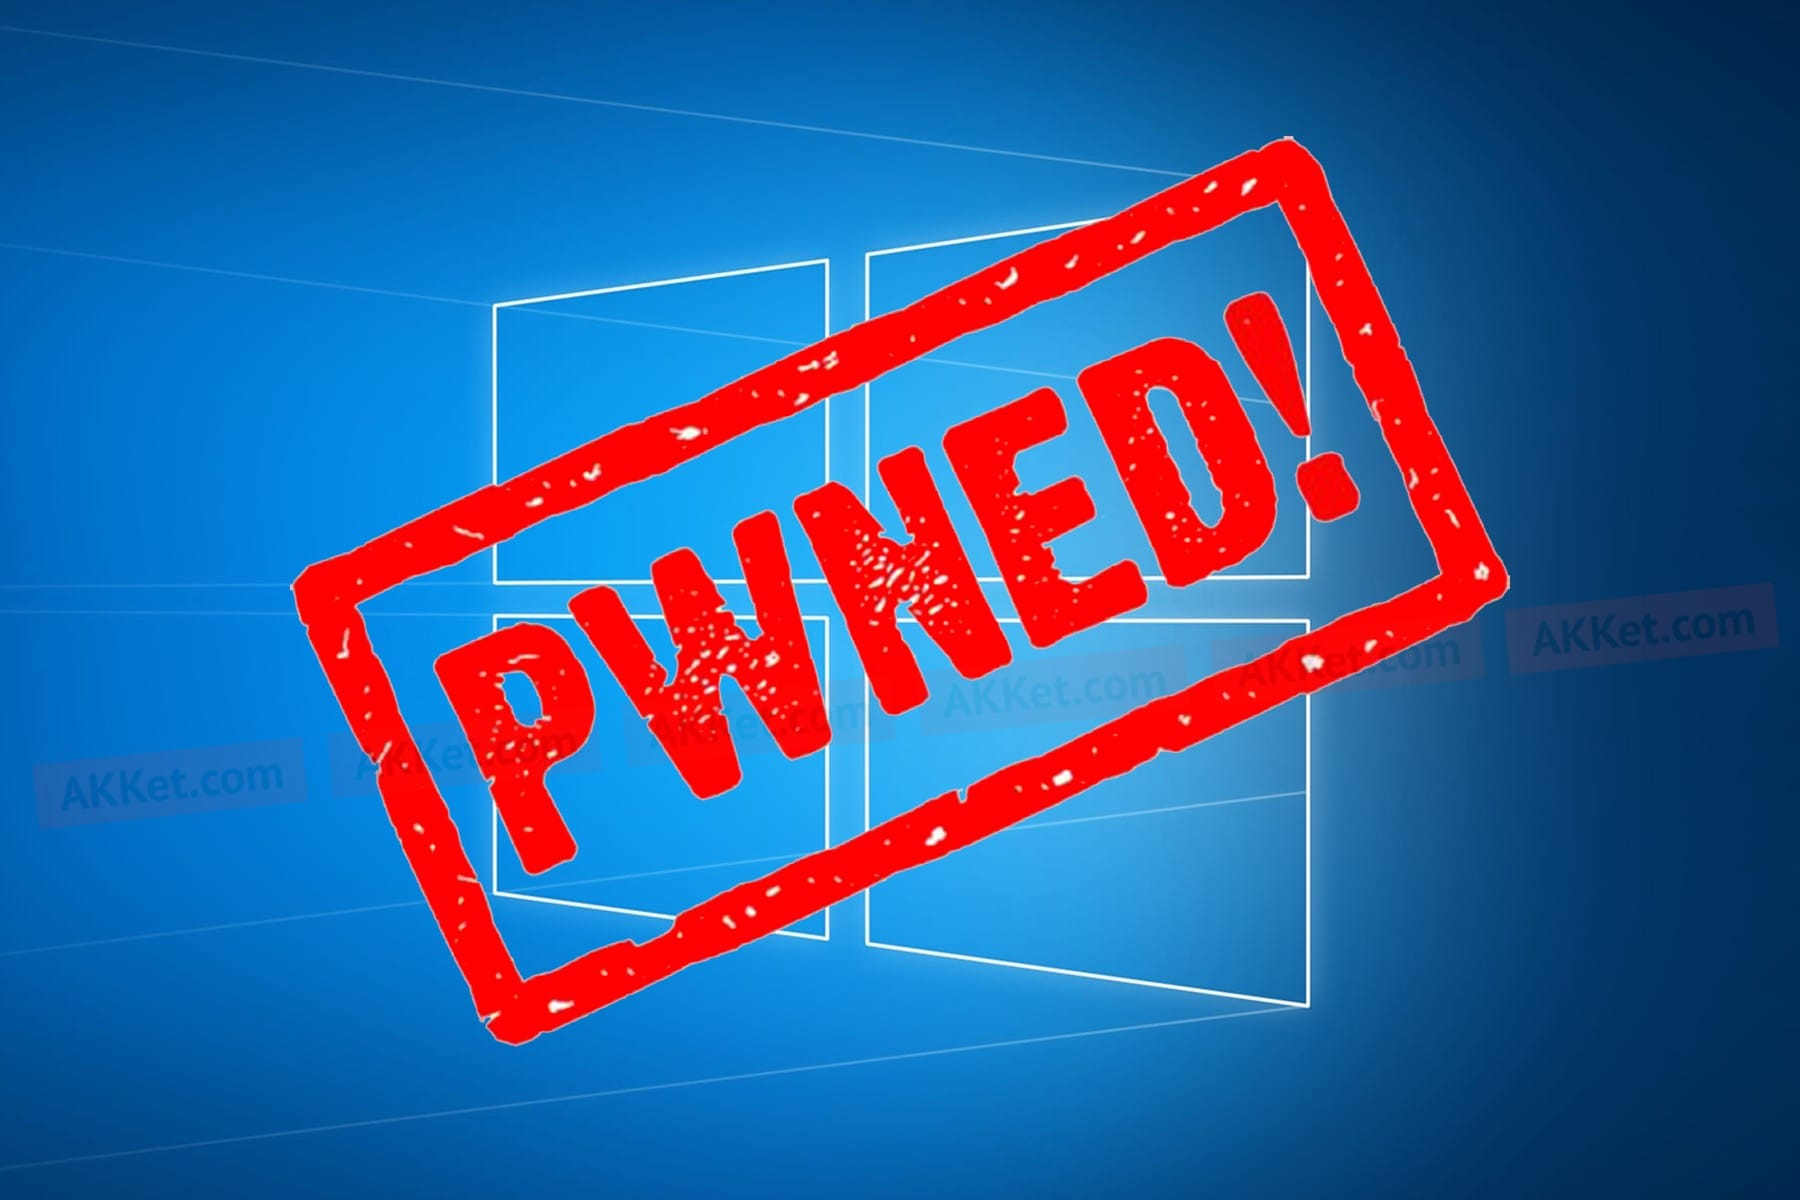 Специалисты Google обнаружили страшную уязвимость вWindows 10